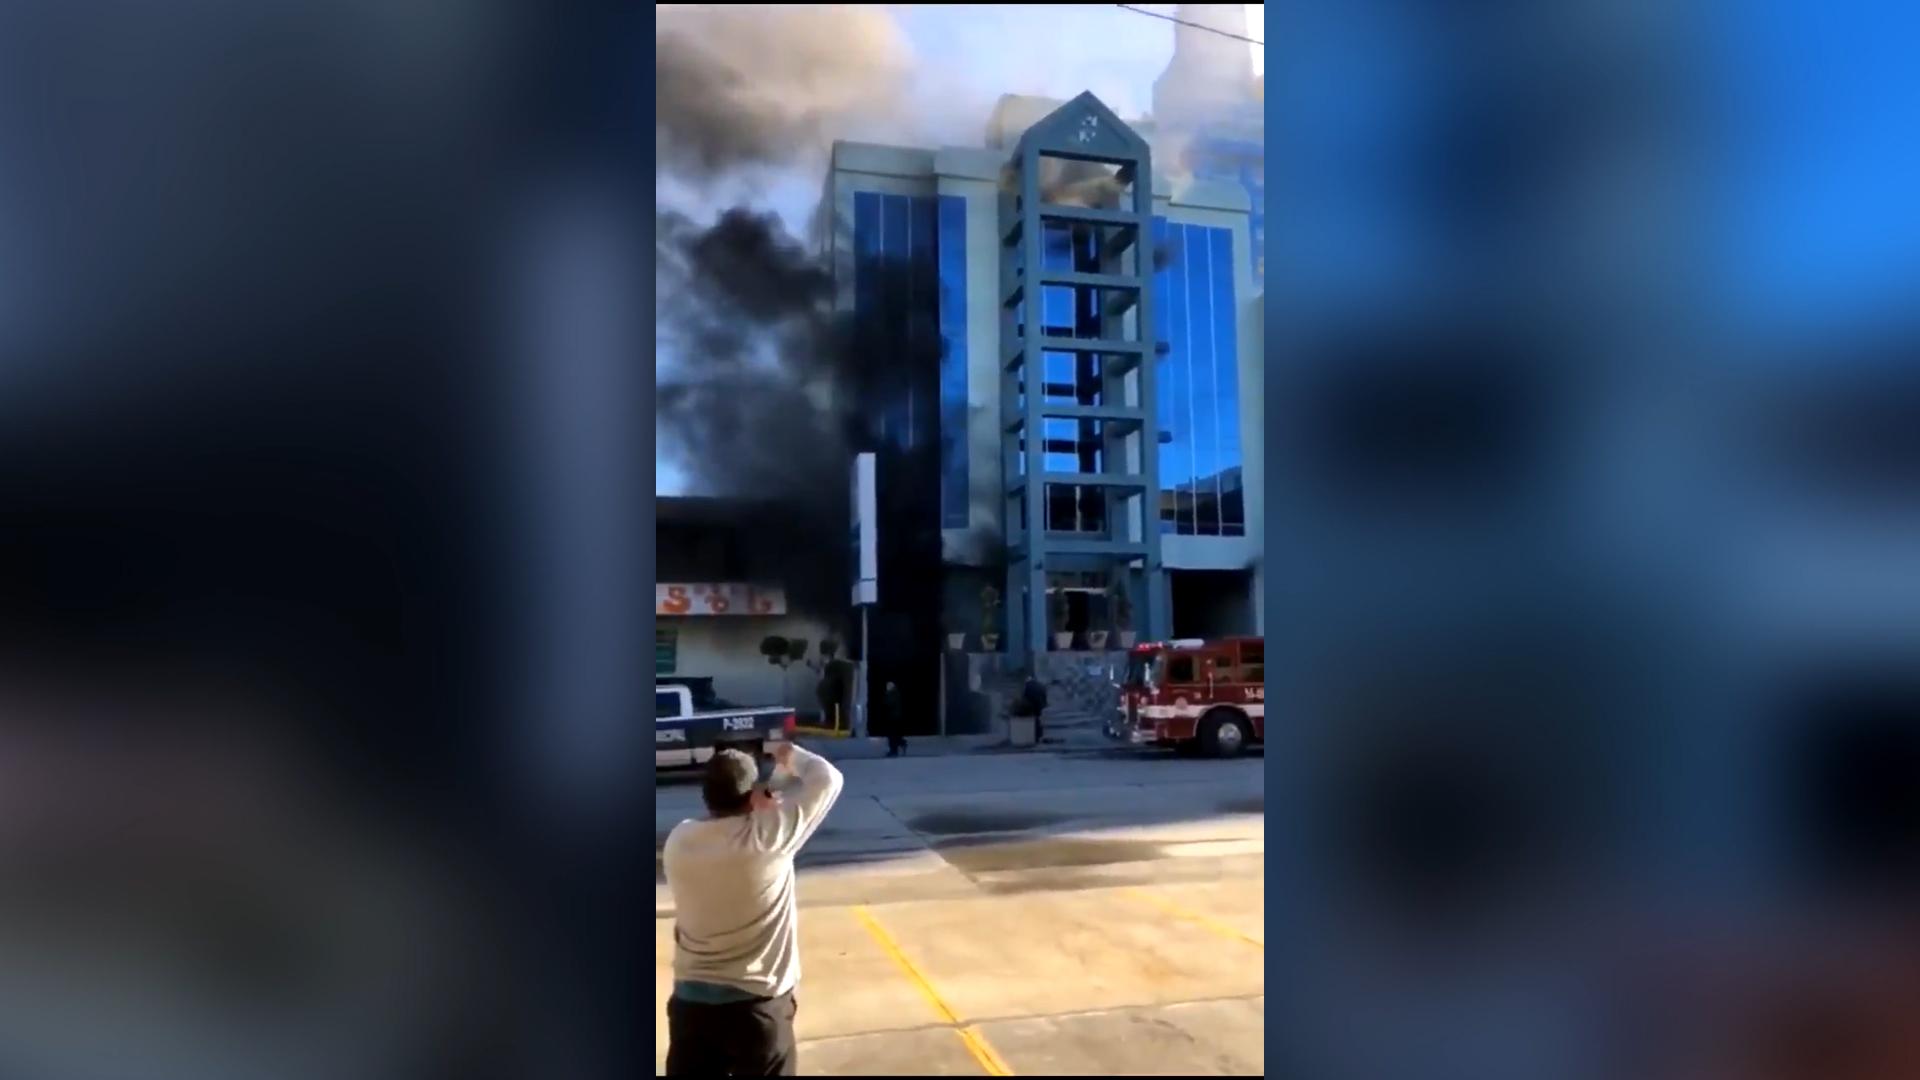 Otros dos empledos resultaron con afectaciones por inhalación de humo (Captura de pantalla)